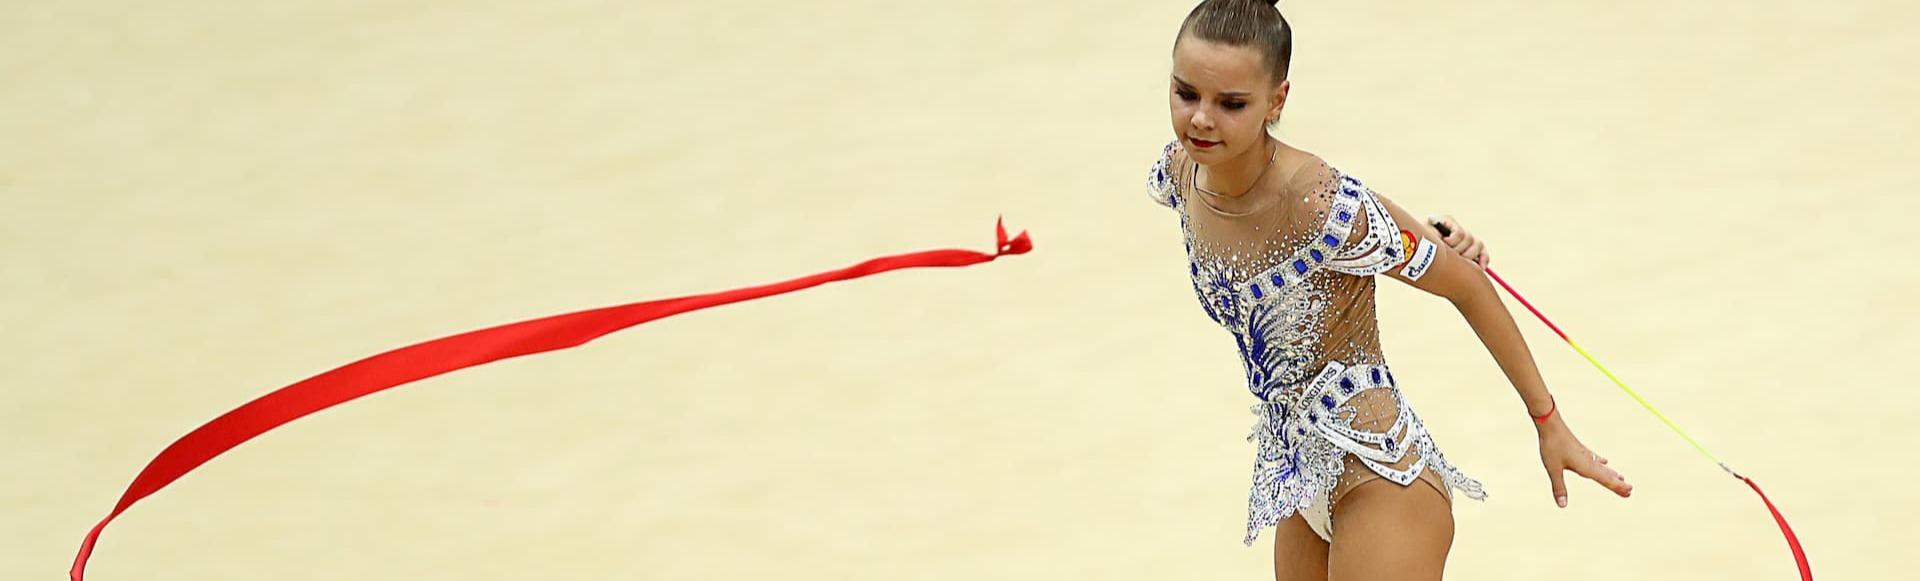 Гимнастке всегда есть чем удивить зрителей